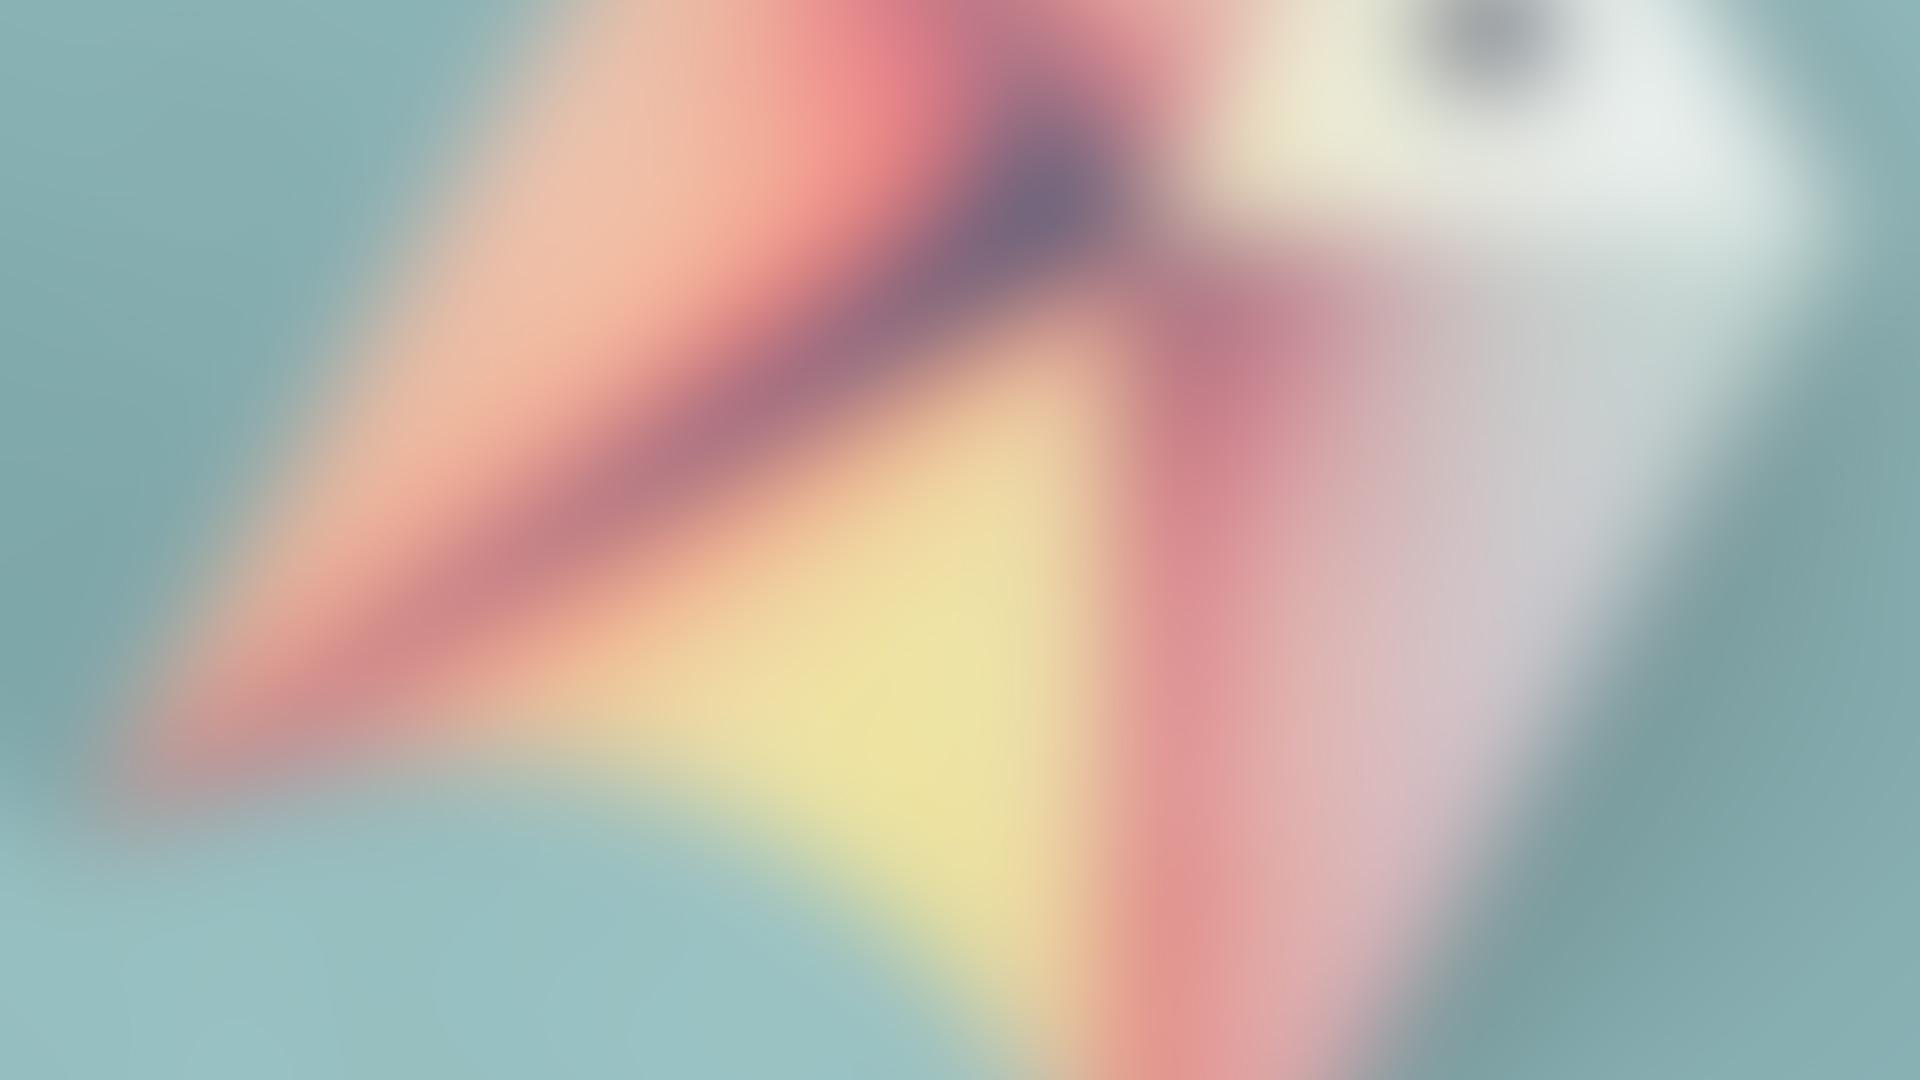 Mobilee224_Qess_SpacesInBetween_bg-blur